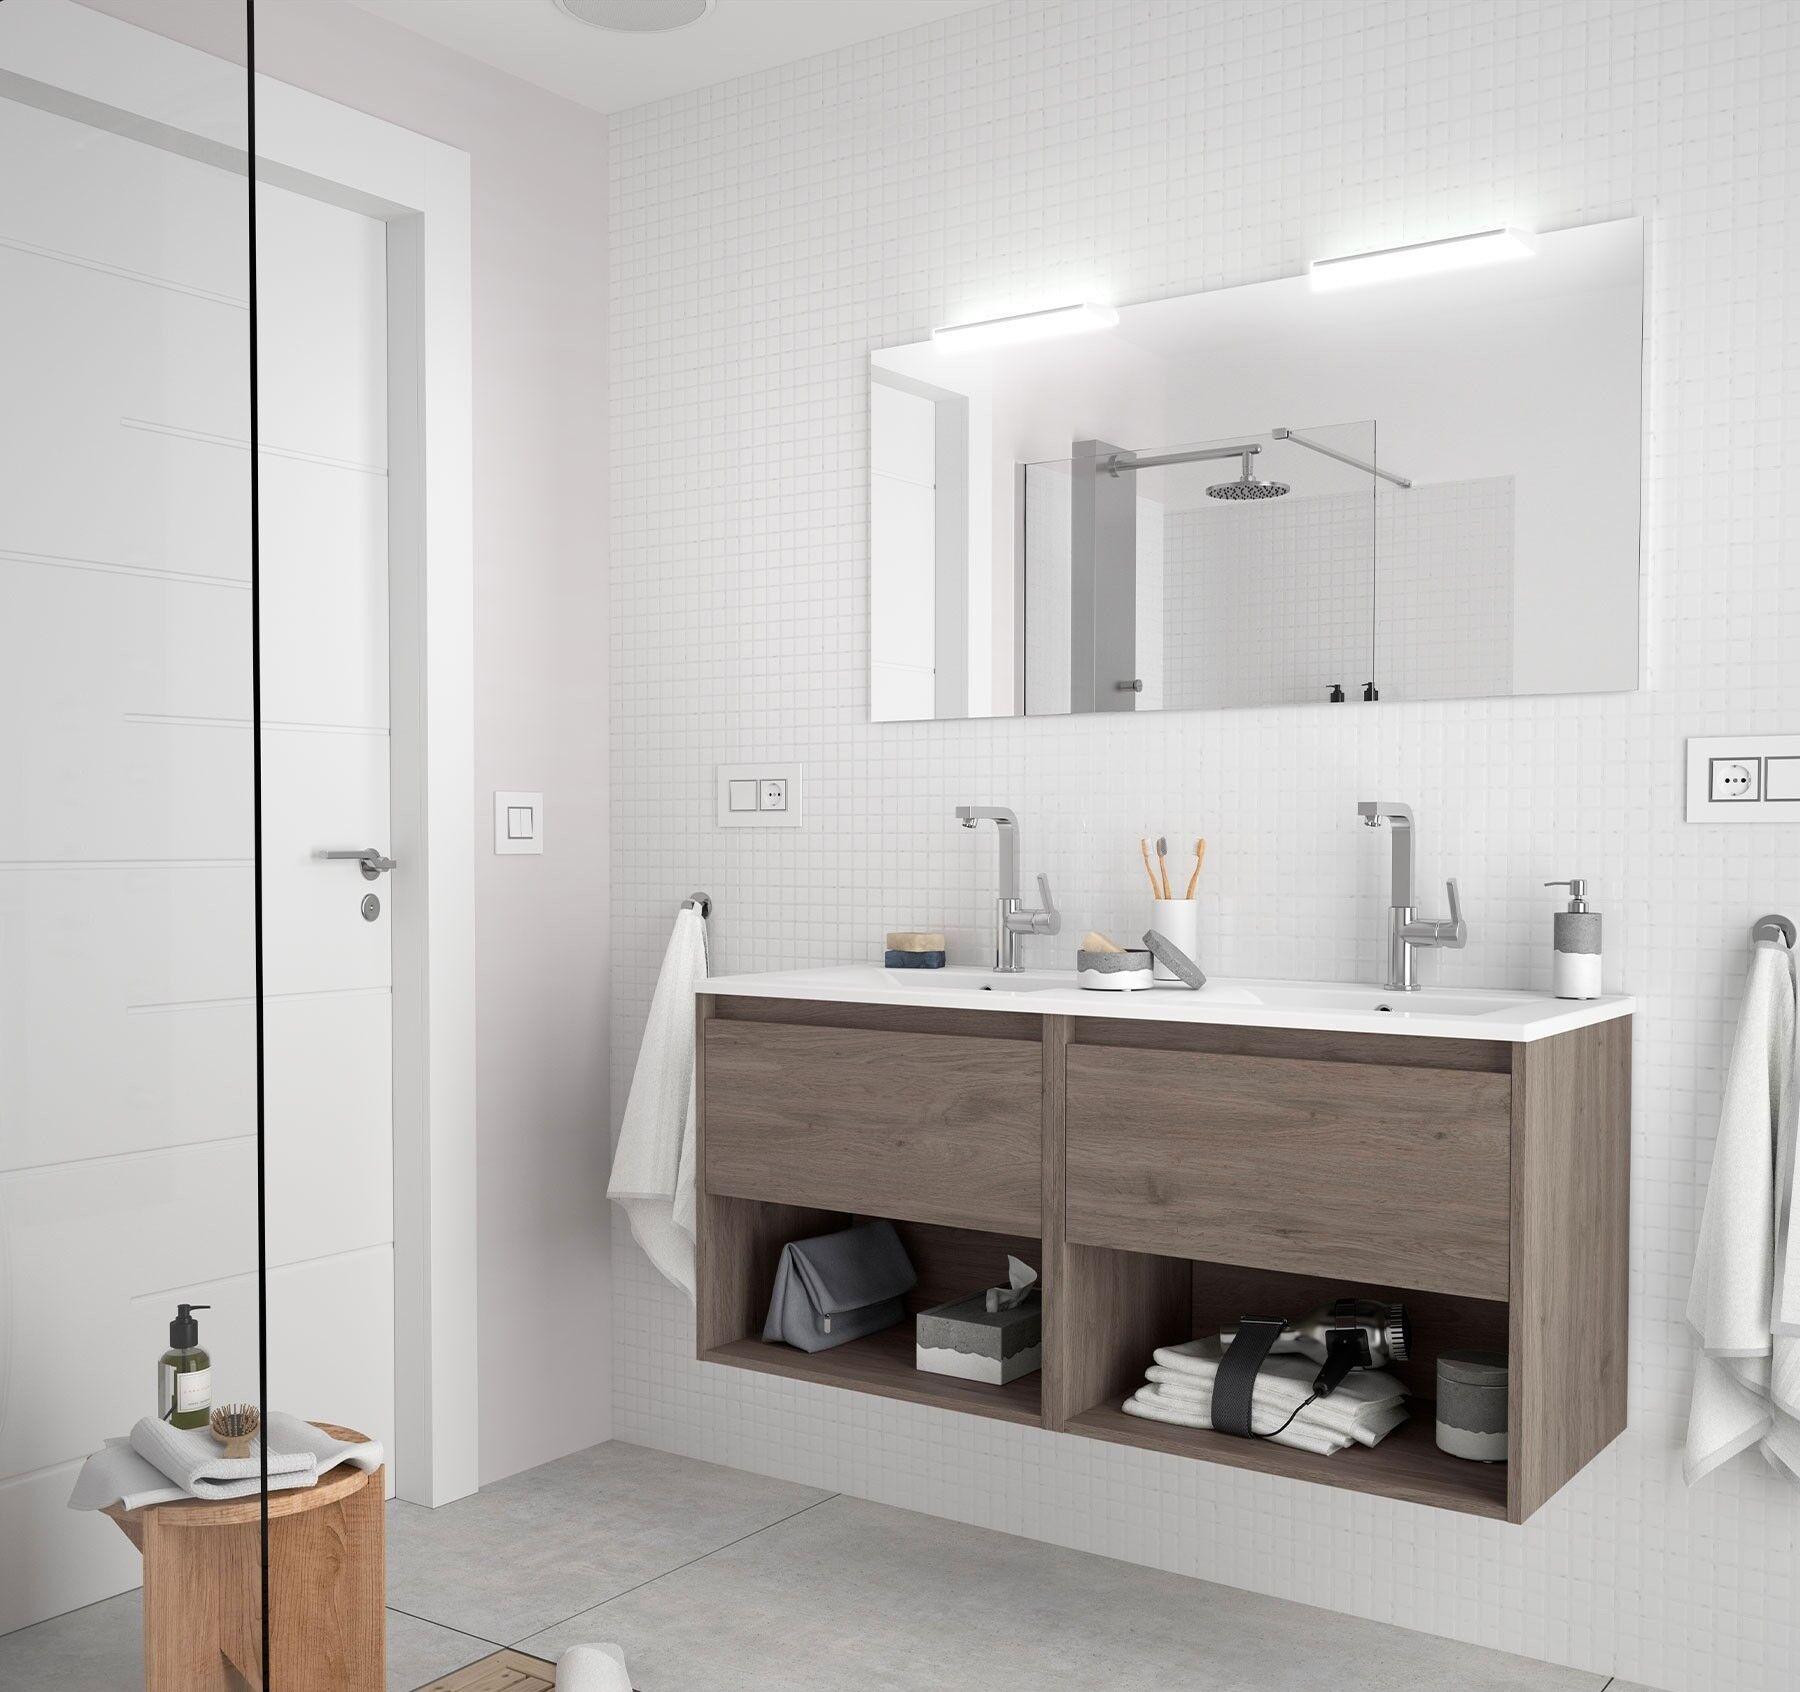 CAESAROO Meuble de salle de bain suspendu 120 cm Chêne eternity avec deux tiroirs et deux espaces   Standard - 120 cm